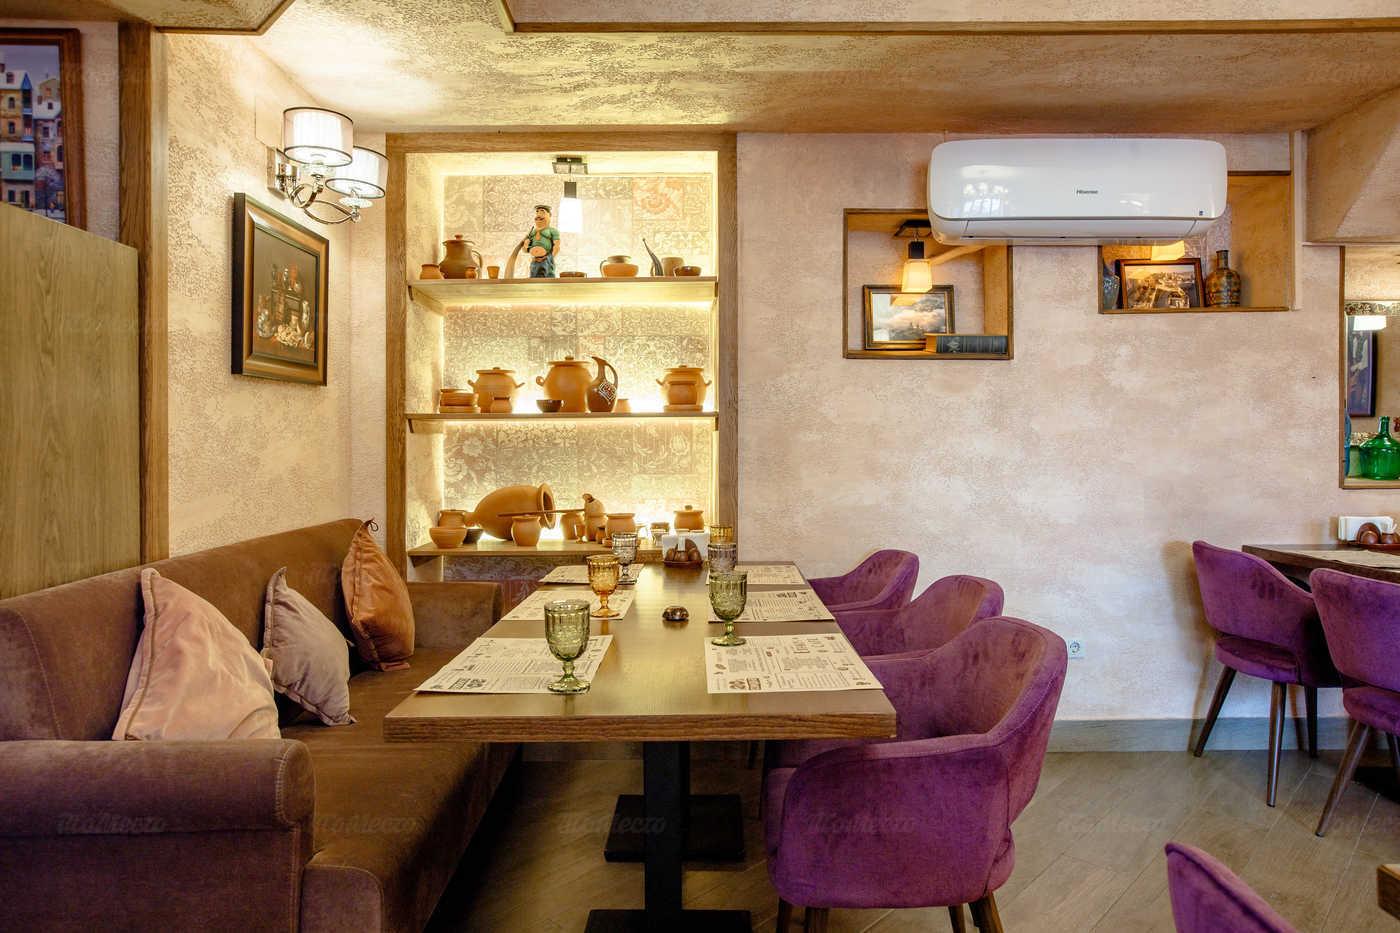 Кафе Этнос в Кузнечном переулке фото 14